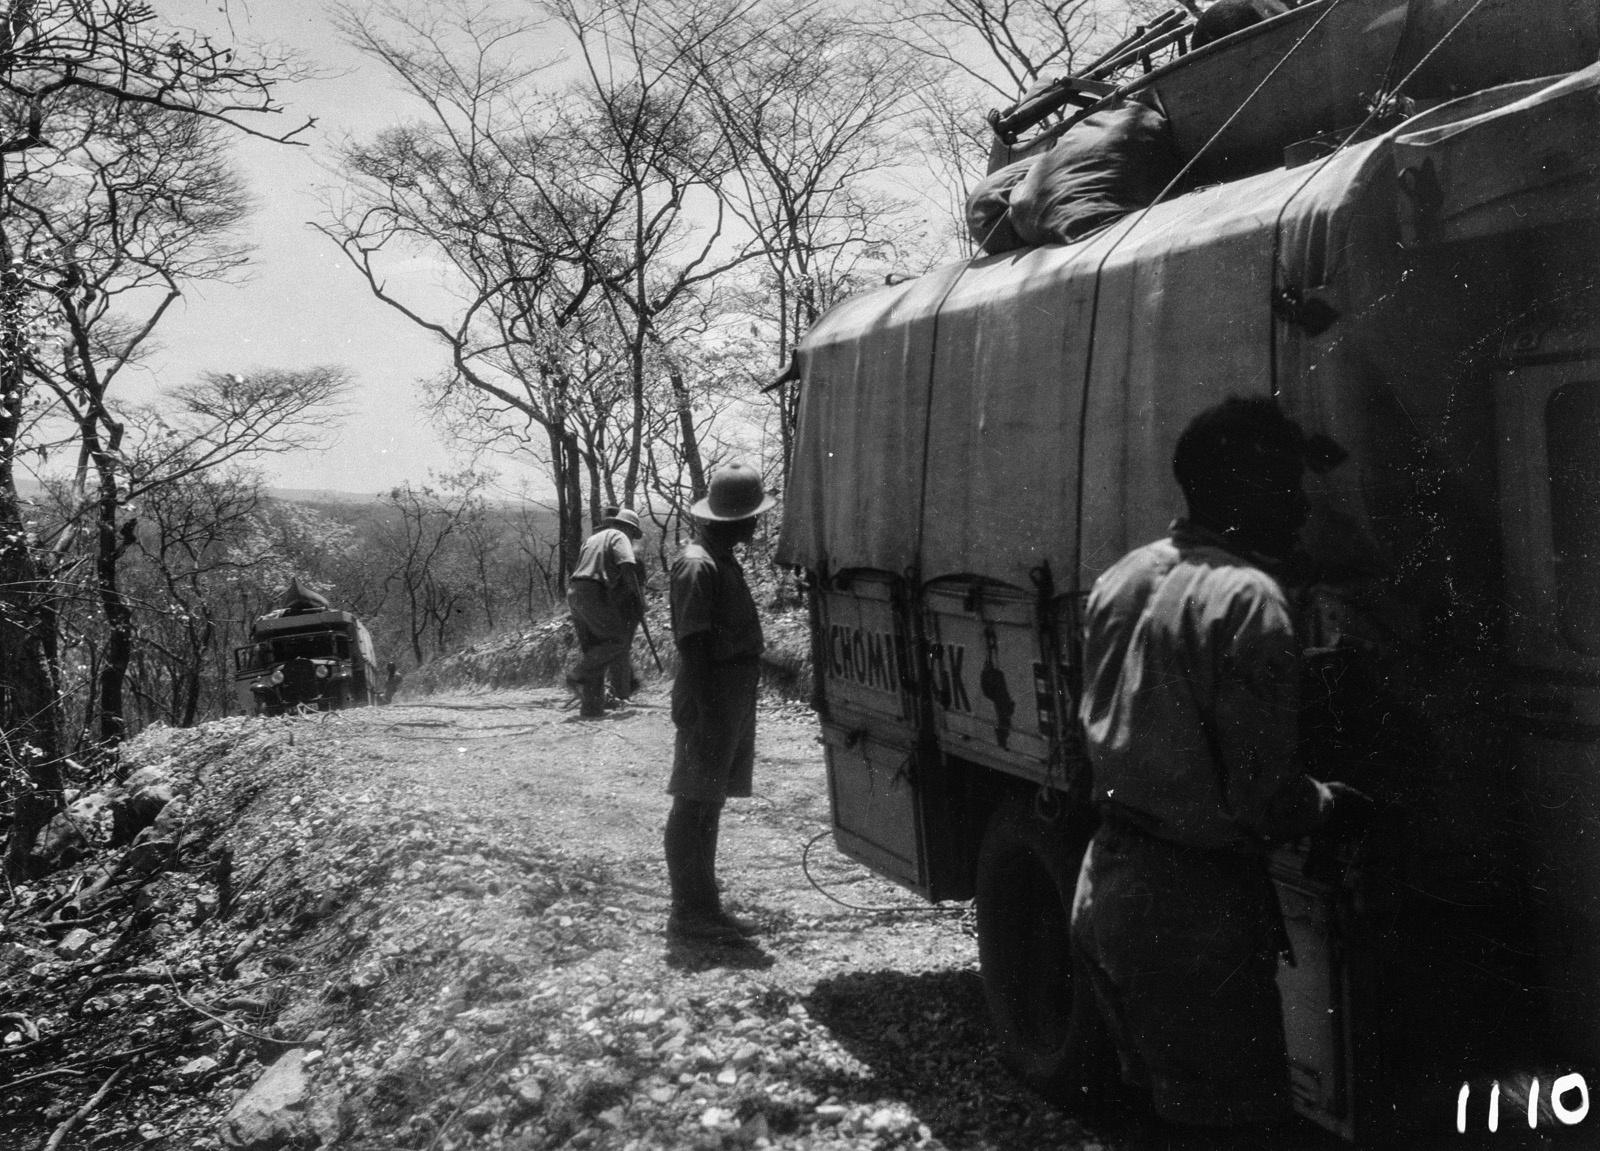 1110. Лундази. Экспедиционный грузовик на проселочной дороге..